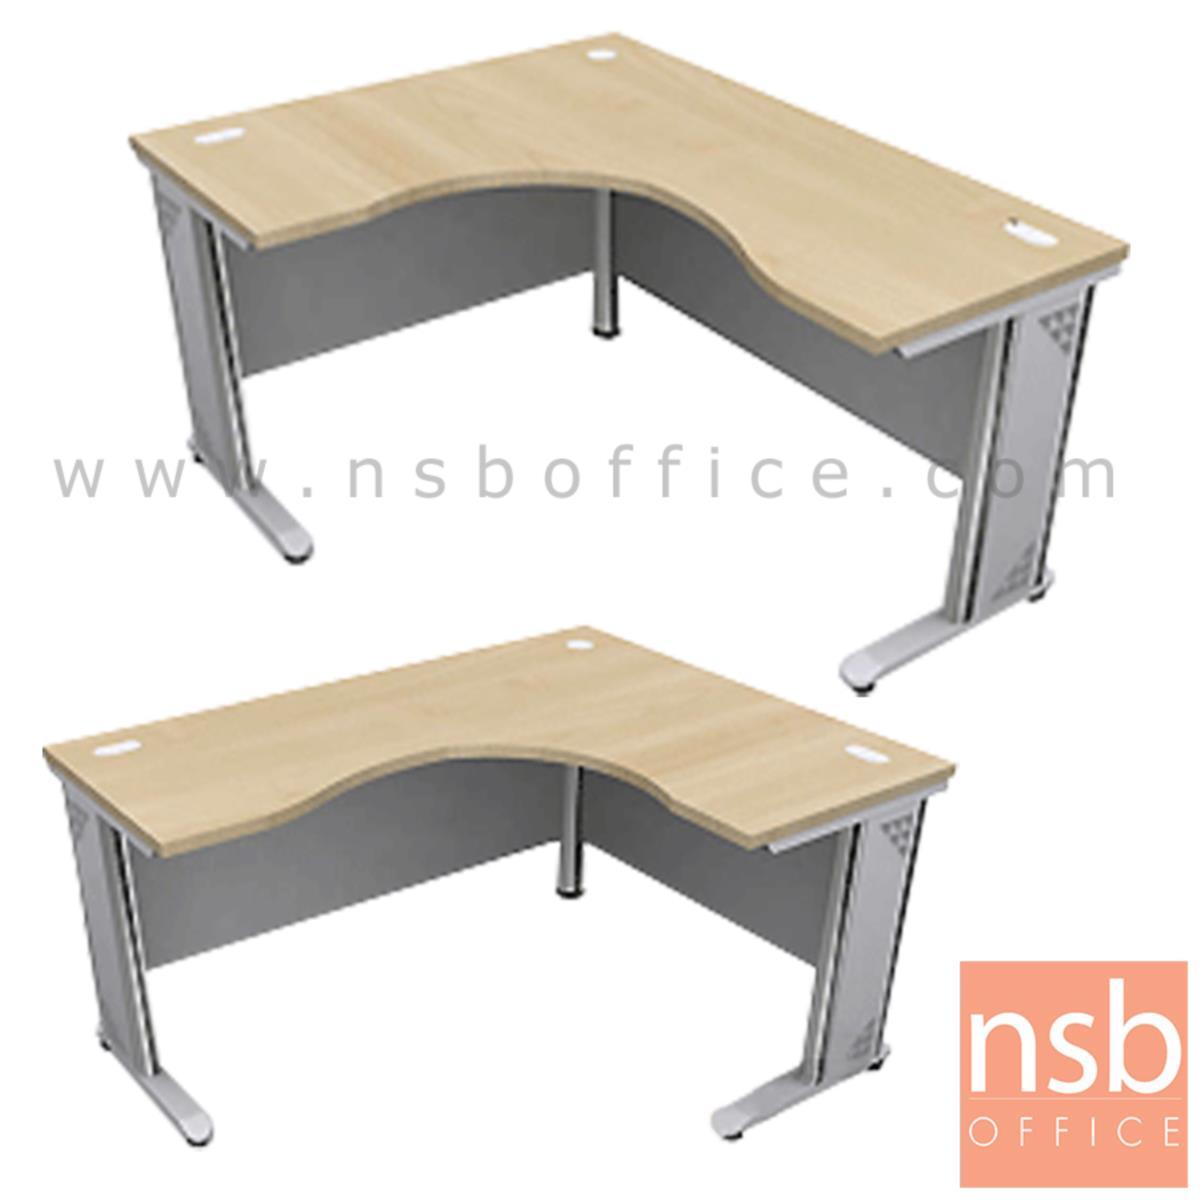 A18A017:โต๊ะทำงานตัวแอลหน้าโค้งเว้า  รุ่น Cavassos (คาวาสโซส์) ขนาด 150W1 ,165W1 ,180W1*120W2 cm.  ขาเหล็ก